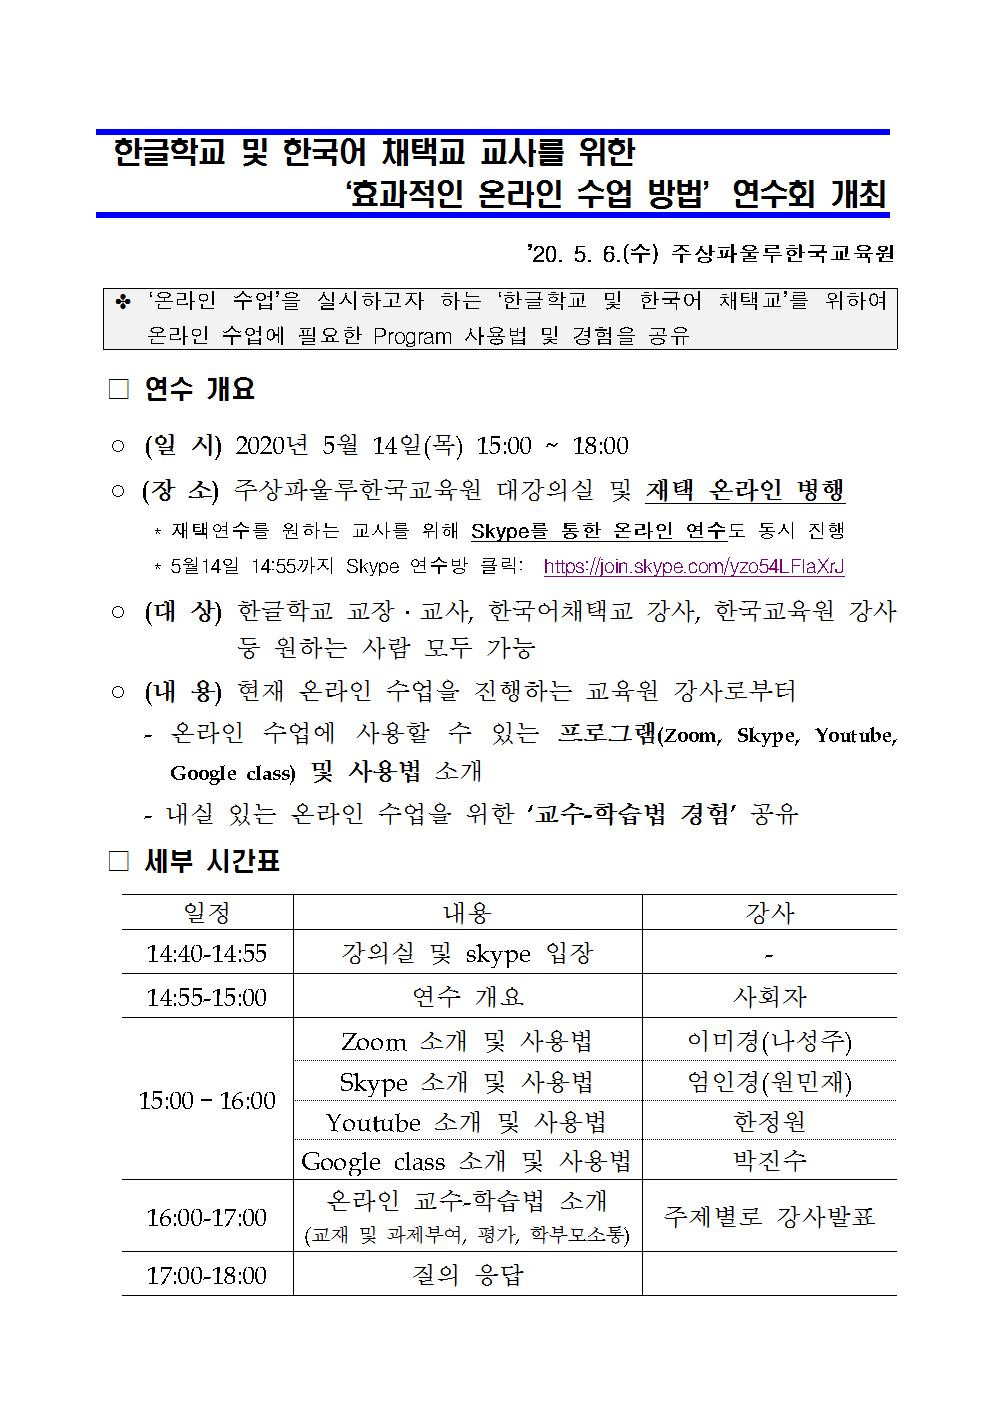 200506 효율적인 온라인 수업 연수 실시 계획001.png